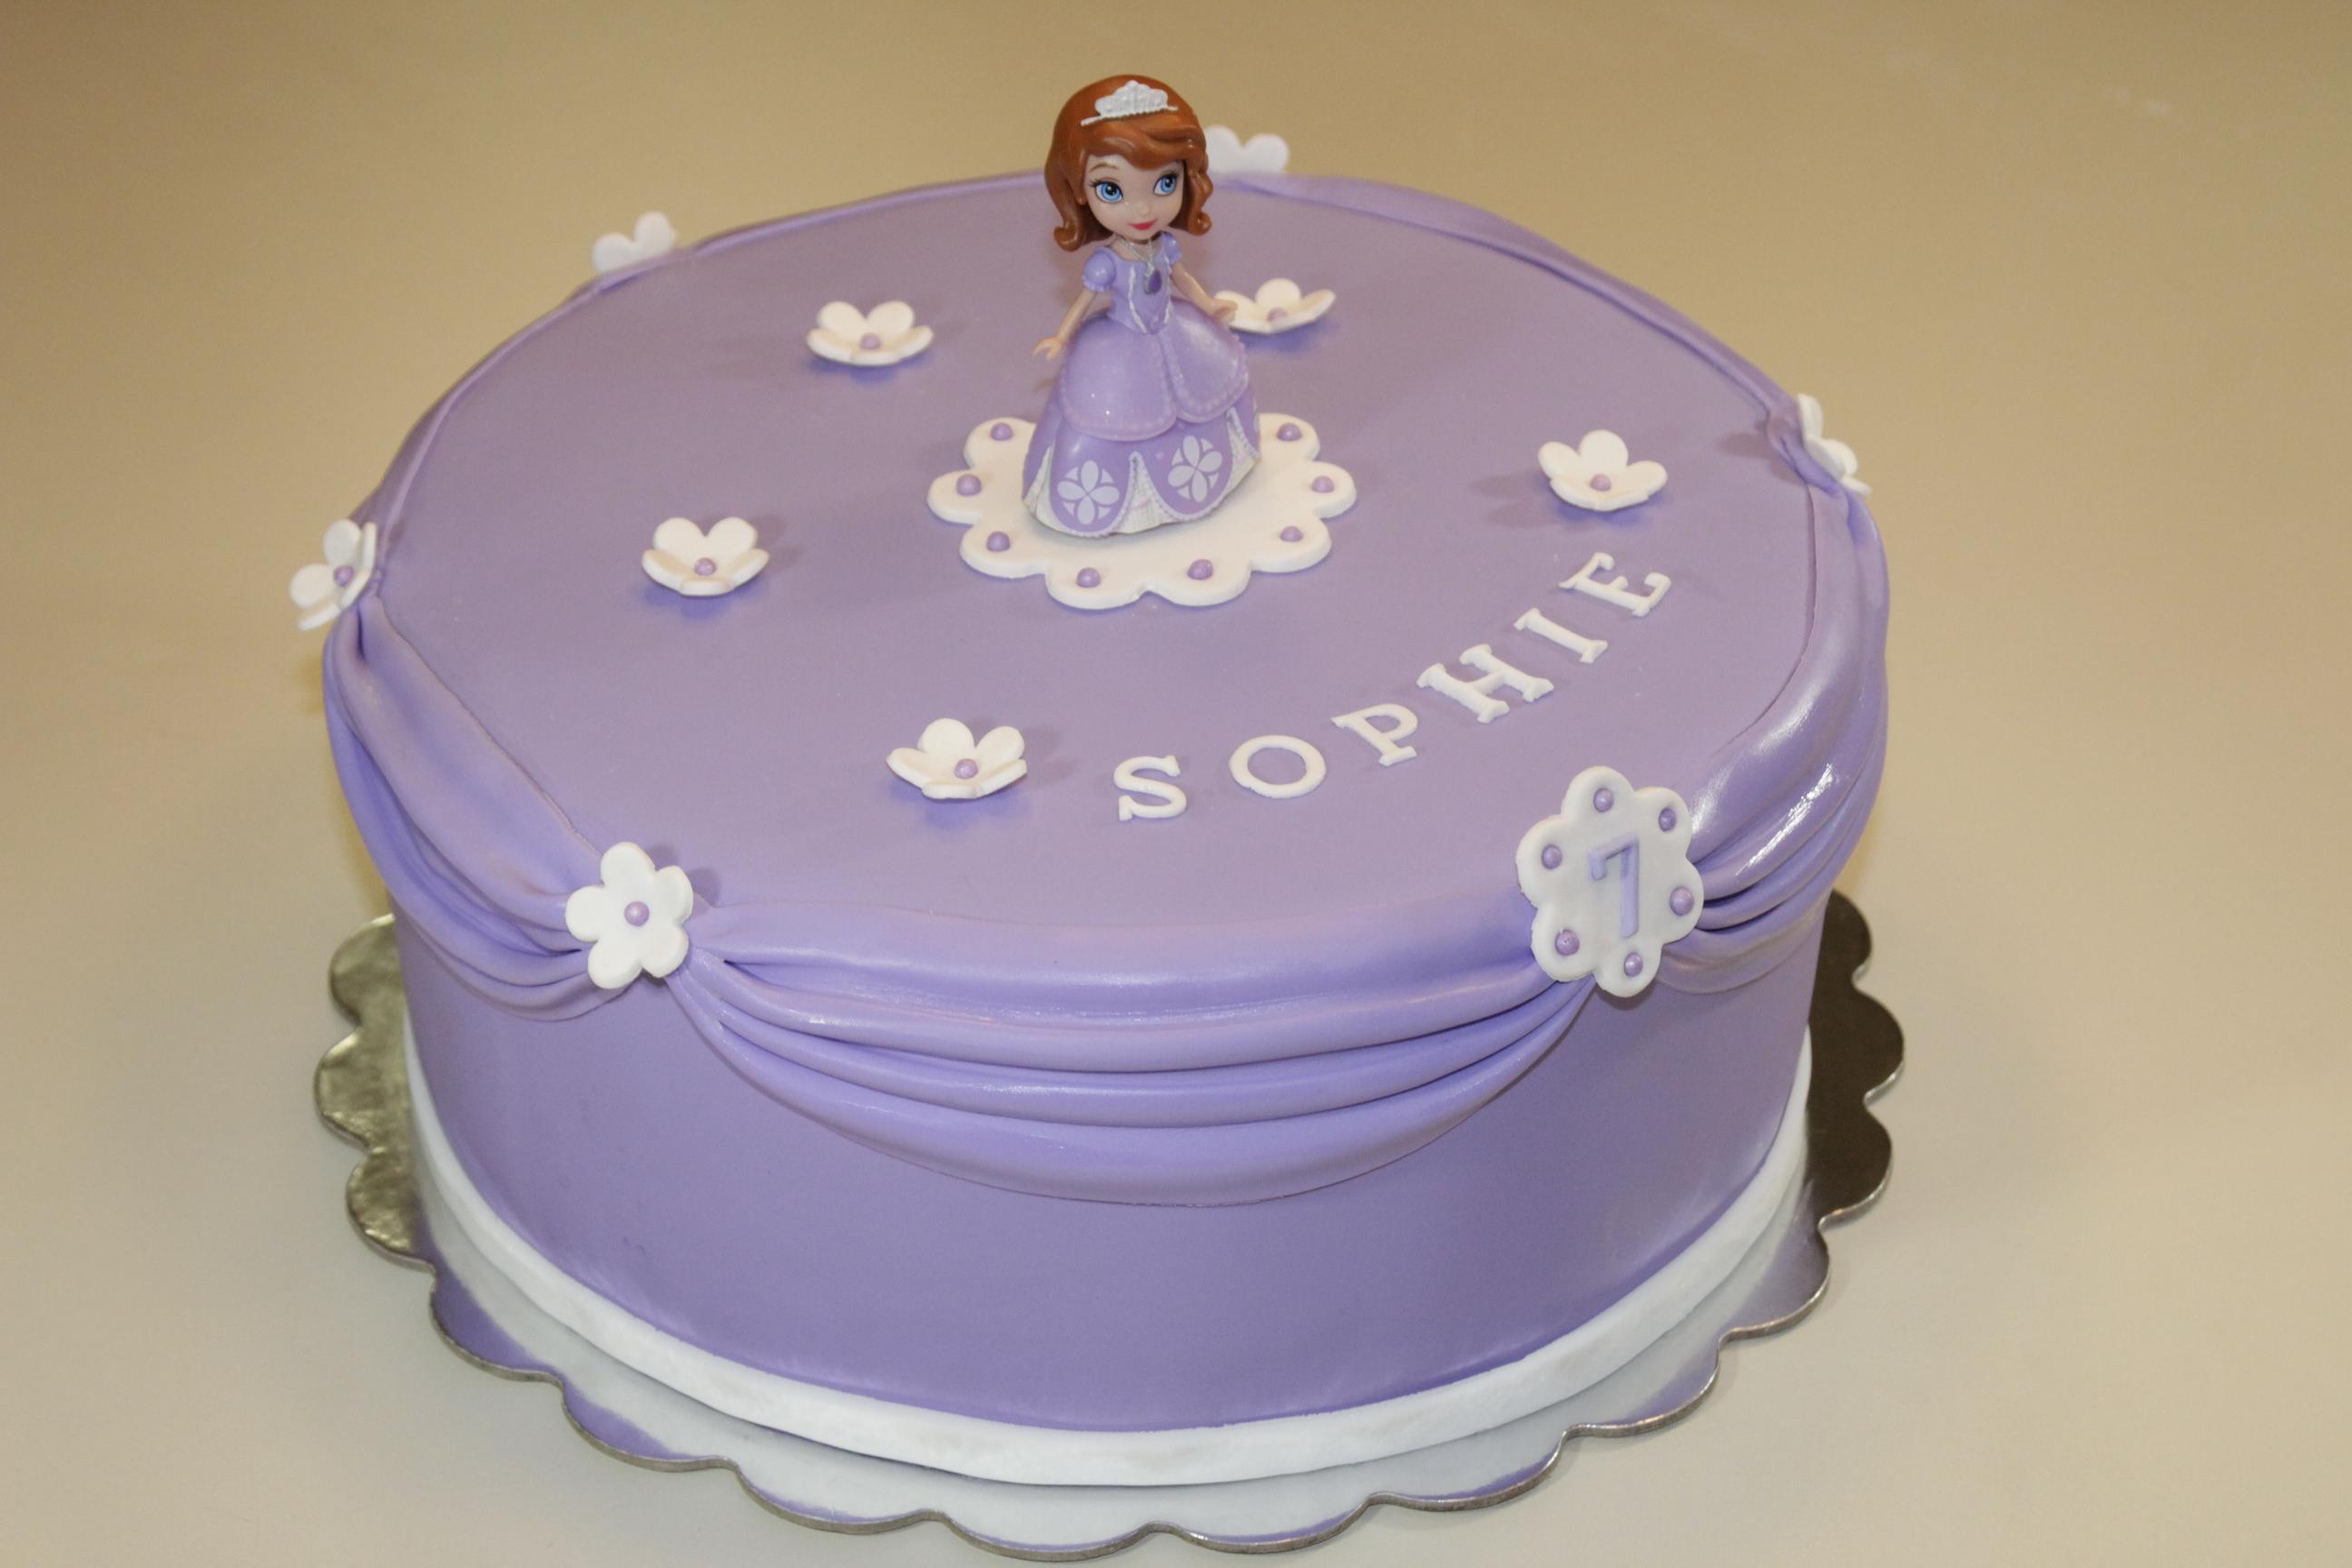 Princess Sofia The First Cake Cake Celebrations